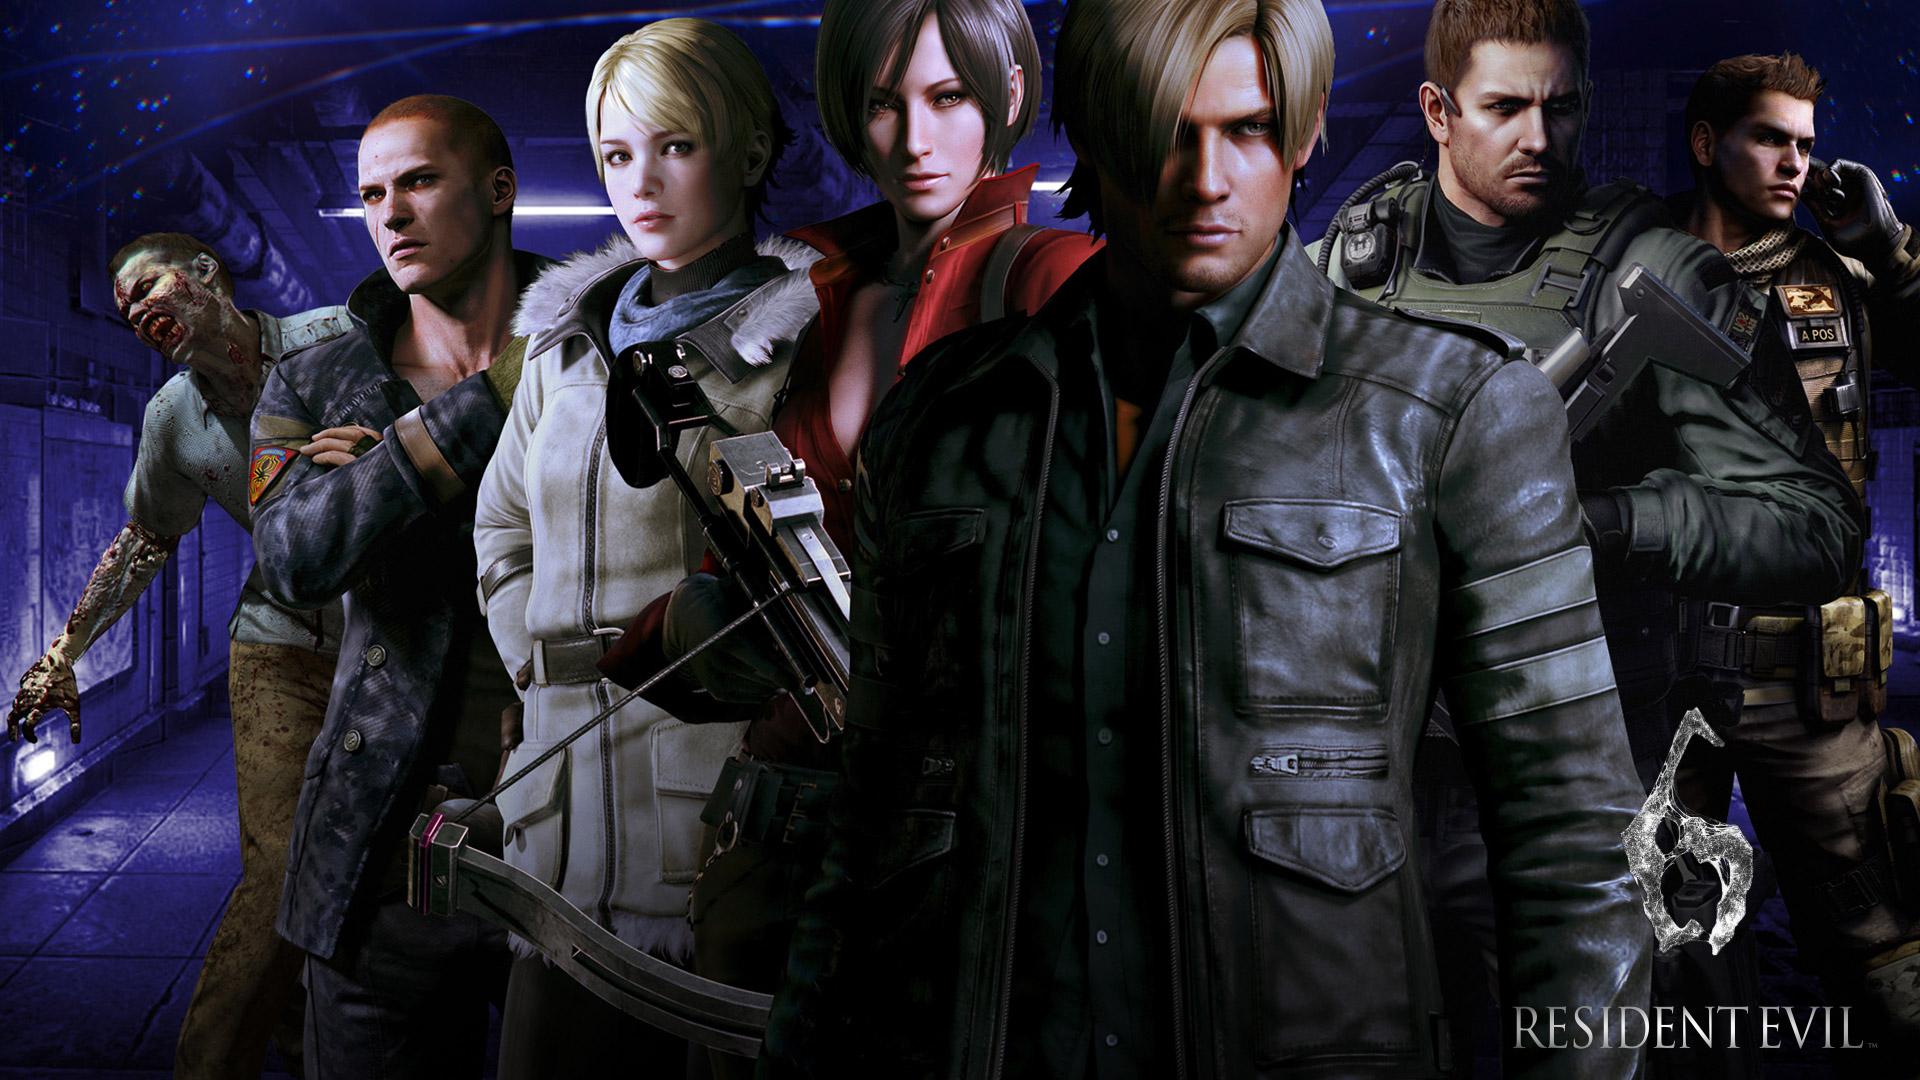 Resident Evil 6 wallpaper 7